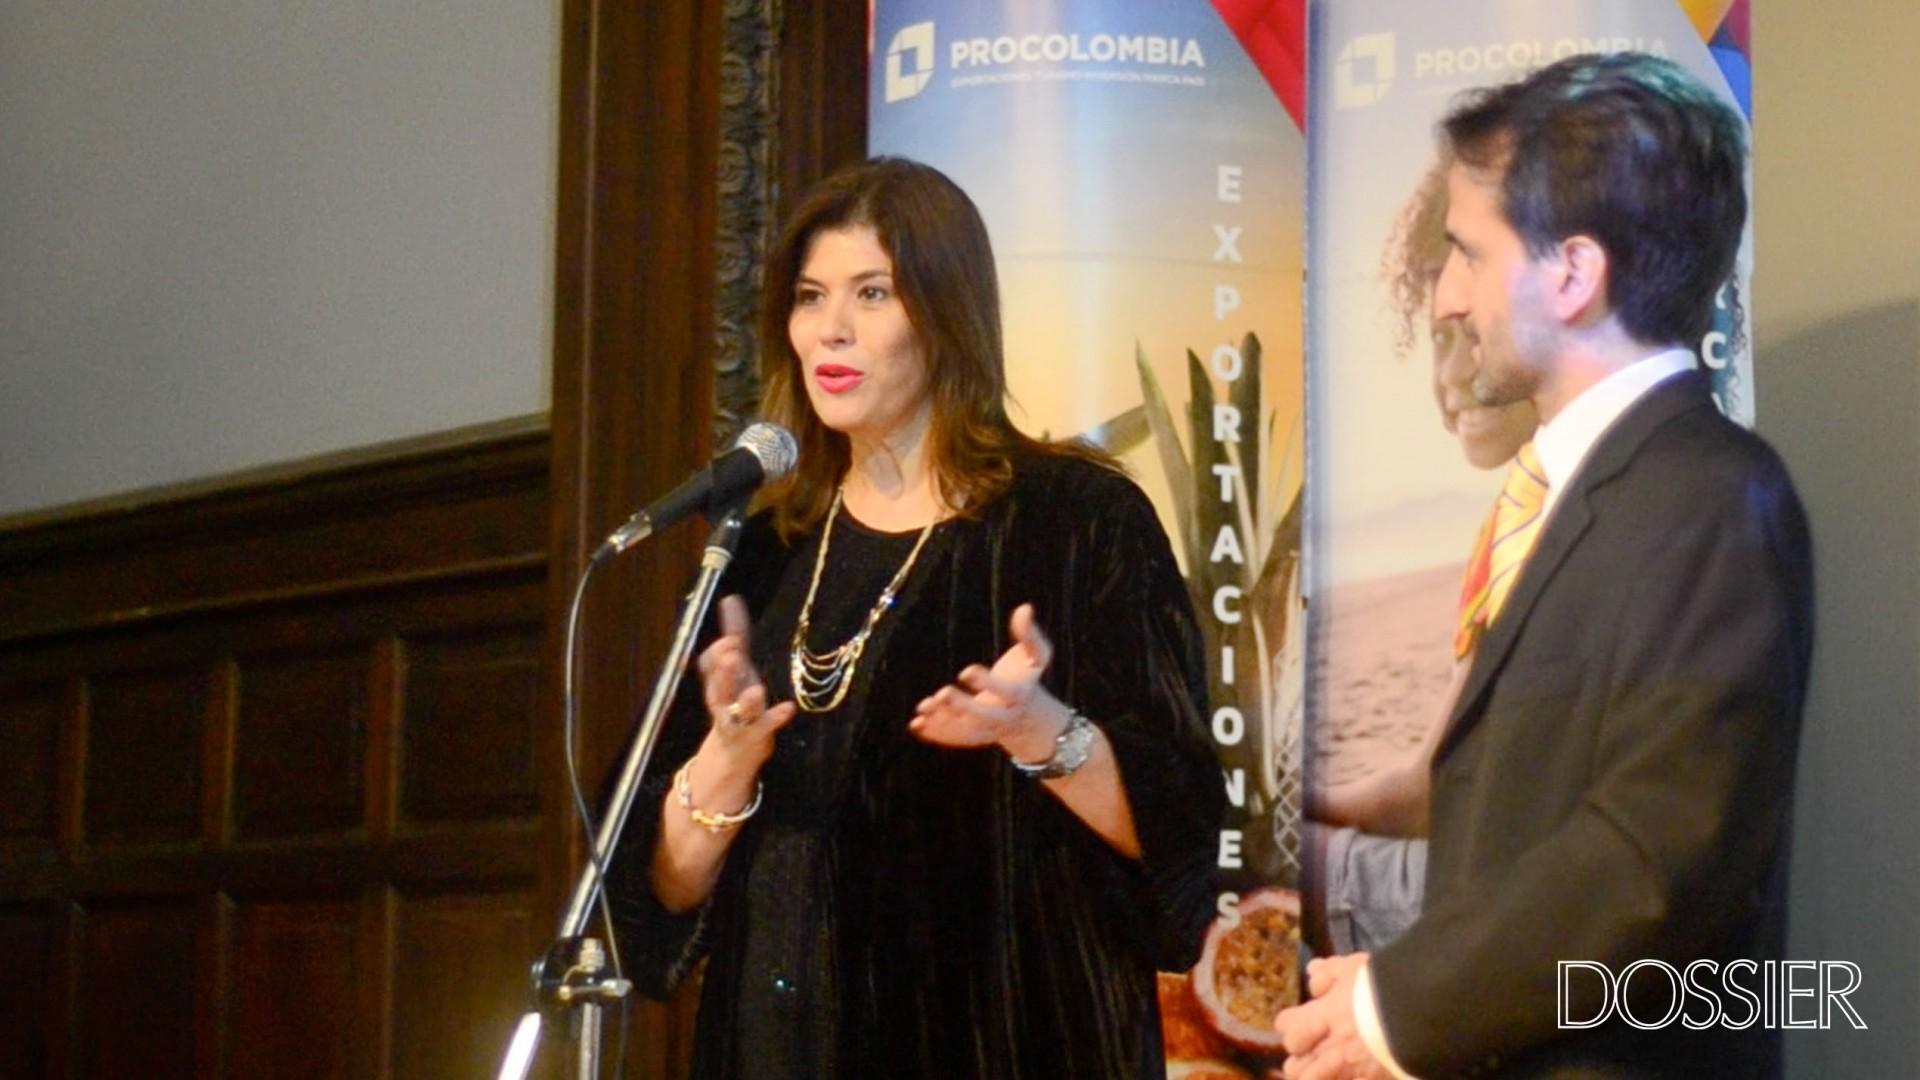 Embajadora de Colombia en Uruguay Natalia Abello y Director del Mapi Facundo Almeida